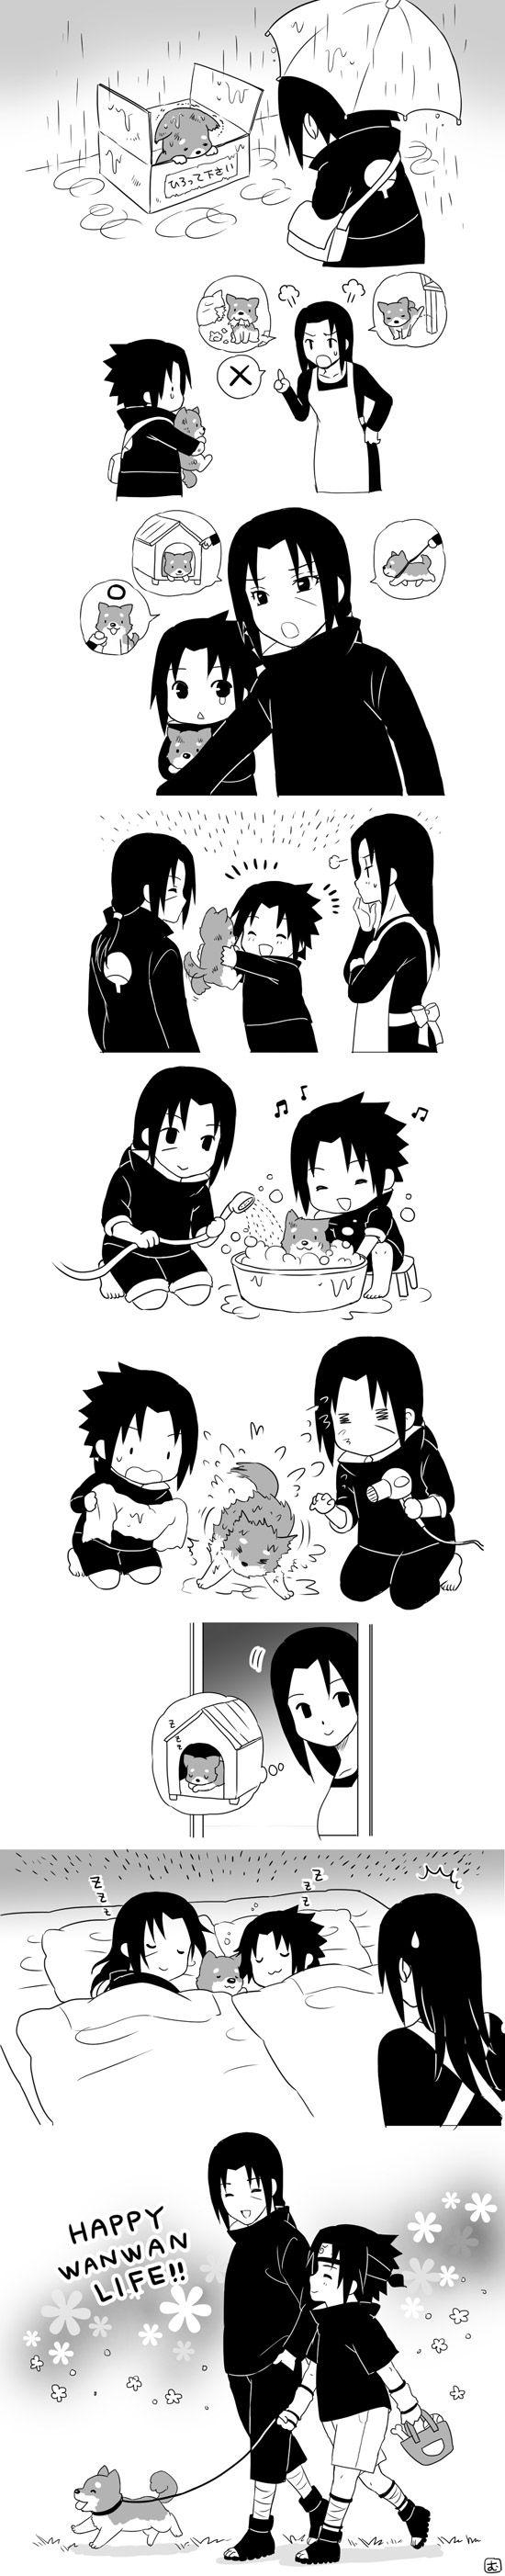 sasuke,itachi,mikoto